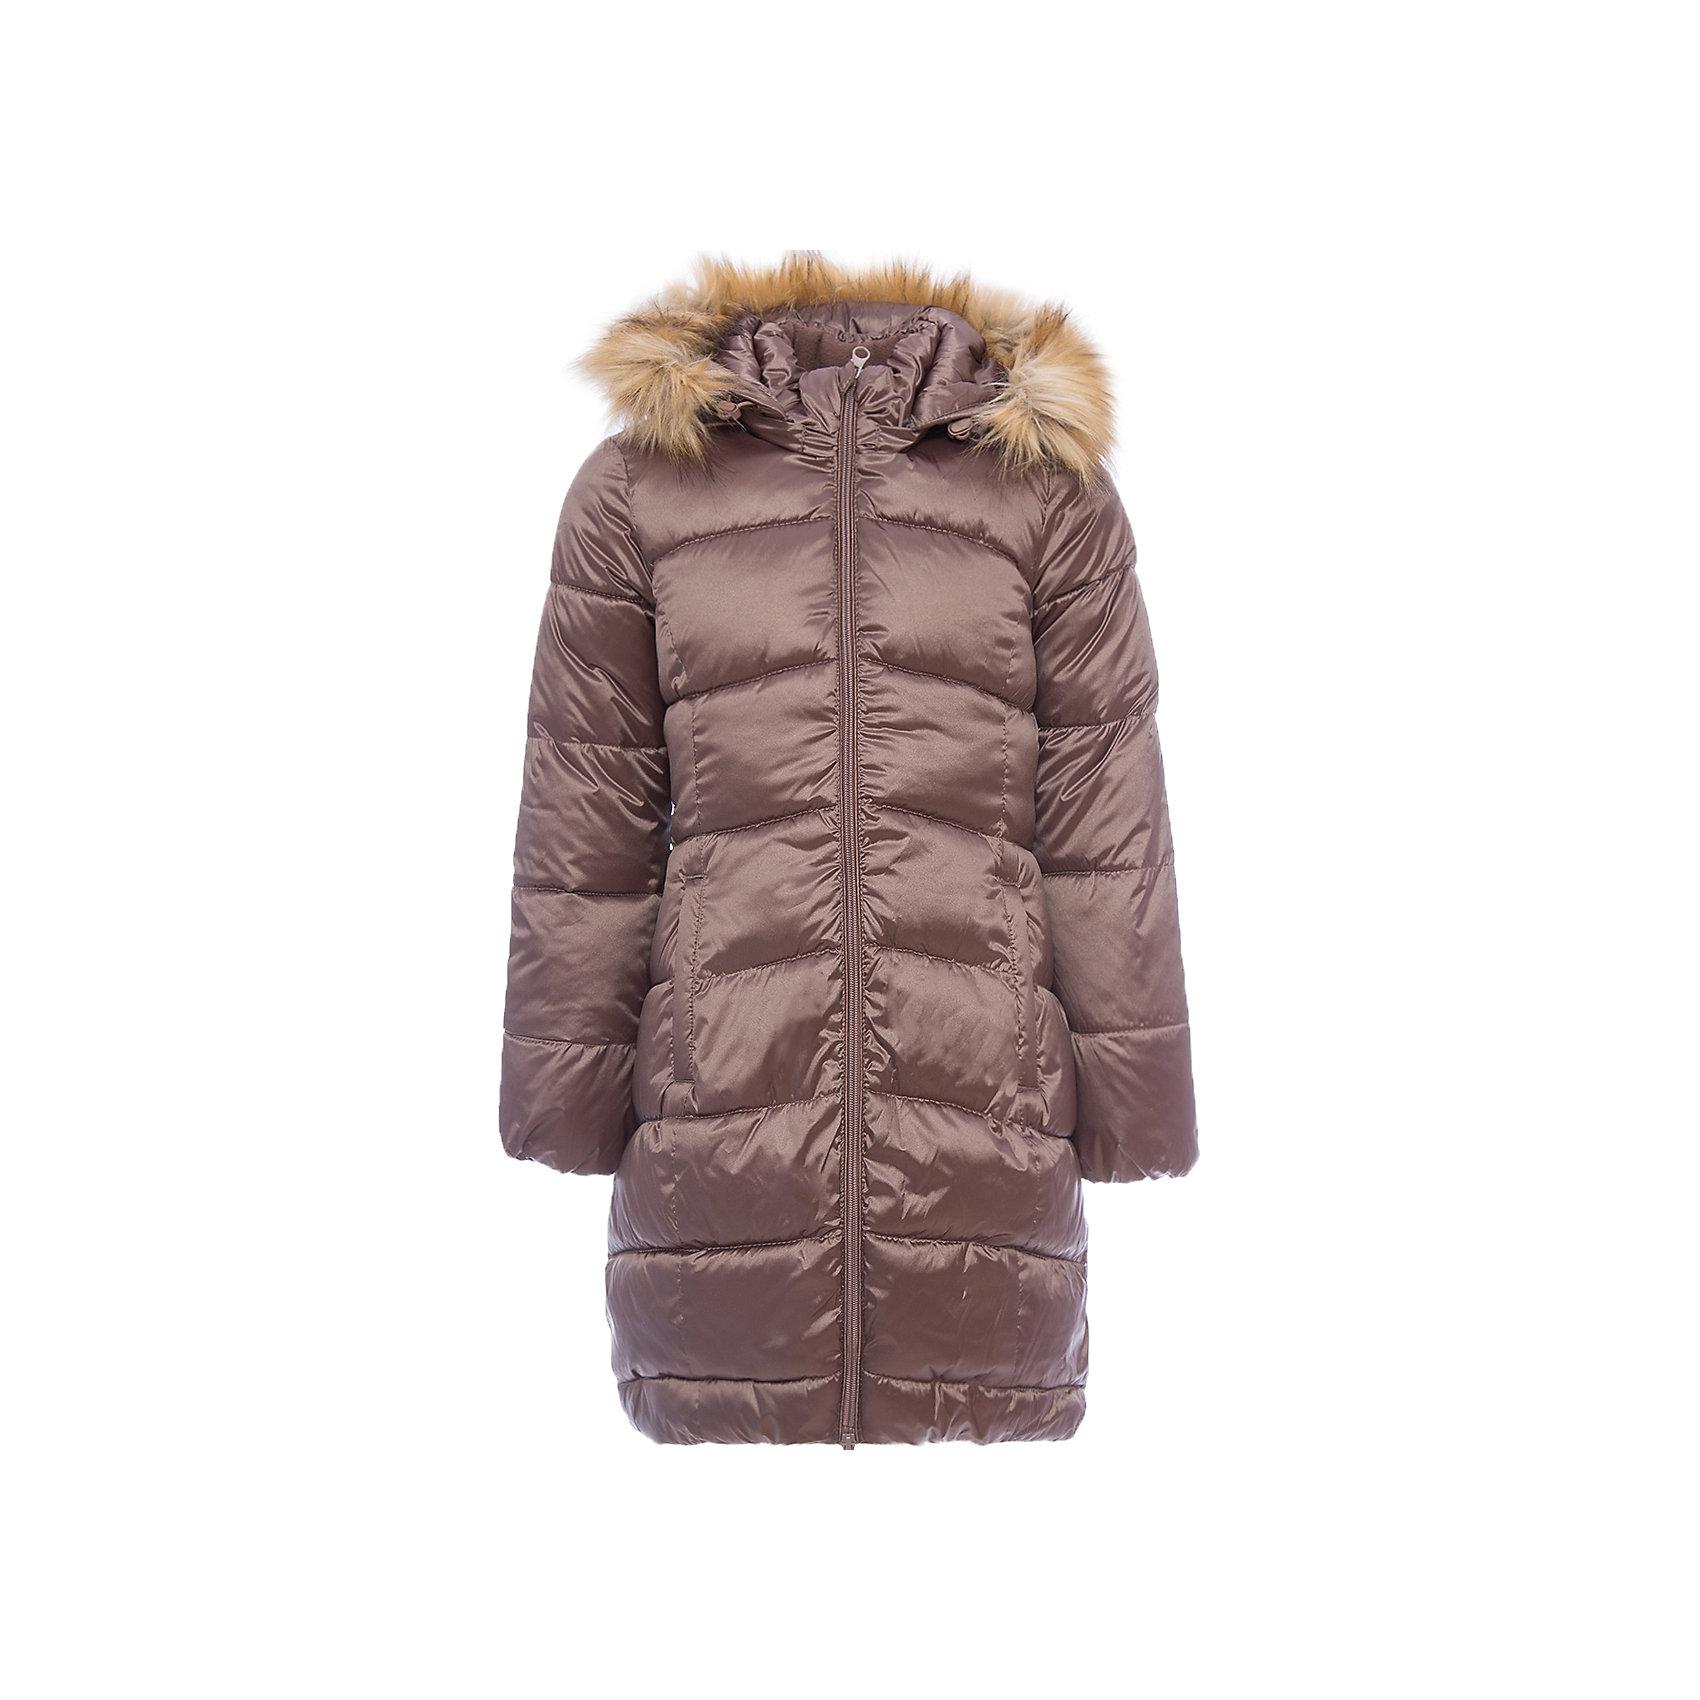 Пальто Лиза OLDOS для девочкиВерхняя одежда<br>Характеристики товара:<br><br>• цвет: коричневый<br>• состав ткани: 42% нейлон, 58% полиэстер, пропитка PU, Teflon<br>• подкладка: флис, полиэстер<br>• утеплитель: искусственный лебяжий пух<br>• сезон: зима<br>• температурный режим: от -35 до 0<br>• застежка: молния<br>• капюшон: с мехом, съемный<br>• страна бренда: Россия<br>• страна изготовитель: Россия<br><br>Пальто для девочки сделано из легких и качественных материалов. Пальто для ребенка имеет отстегивающуюся опушку, карманы, светоотражающие элементы. Детское пальто отлично греет благодаря съемному капюшону с регулировкой объема, воротнику-стойке, планке от ветра. Такое зимнее пальто для ребенка обеспечит тепло и комфорт в холода.<br><br>Пальто Лиза Oldos (Олдос) для девочки можно купить в нашем интернет-магазине.<br><br>Ширина мм: 356<br>Глубина мм: 10<br>Высота мм: 245<br>Вес г: 519<br>Цвет: коричневый<br>Возраст от месяцев: 120<br>Возраст до месяцев: 132<br>Пол: Женский<br>Возраст: Детский<br>Размер: 146,152,158,128,134,140<br>SKU: 7016558